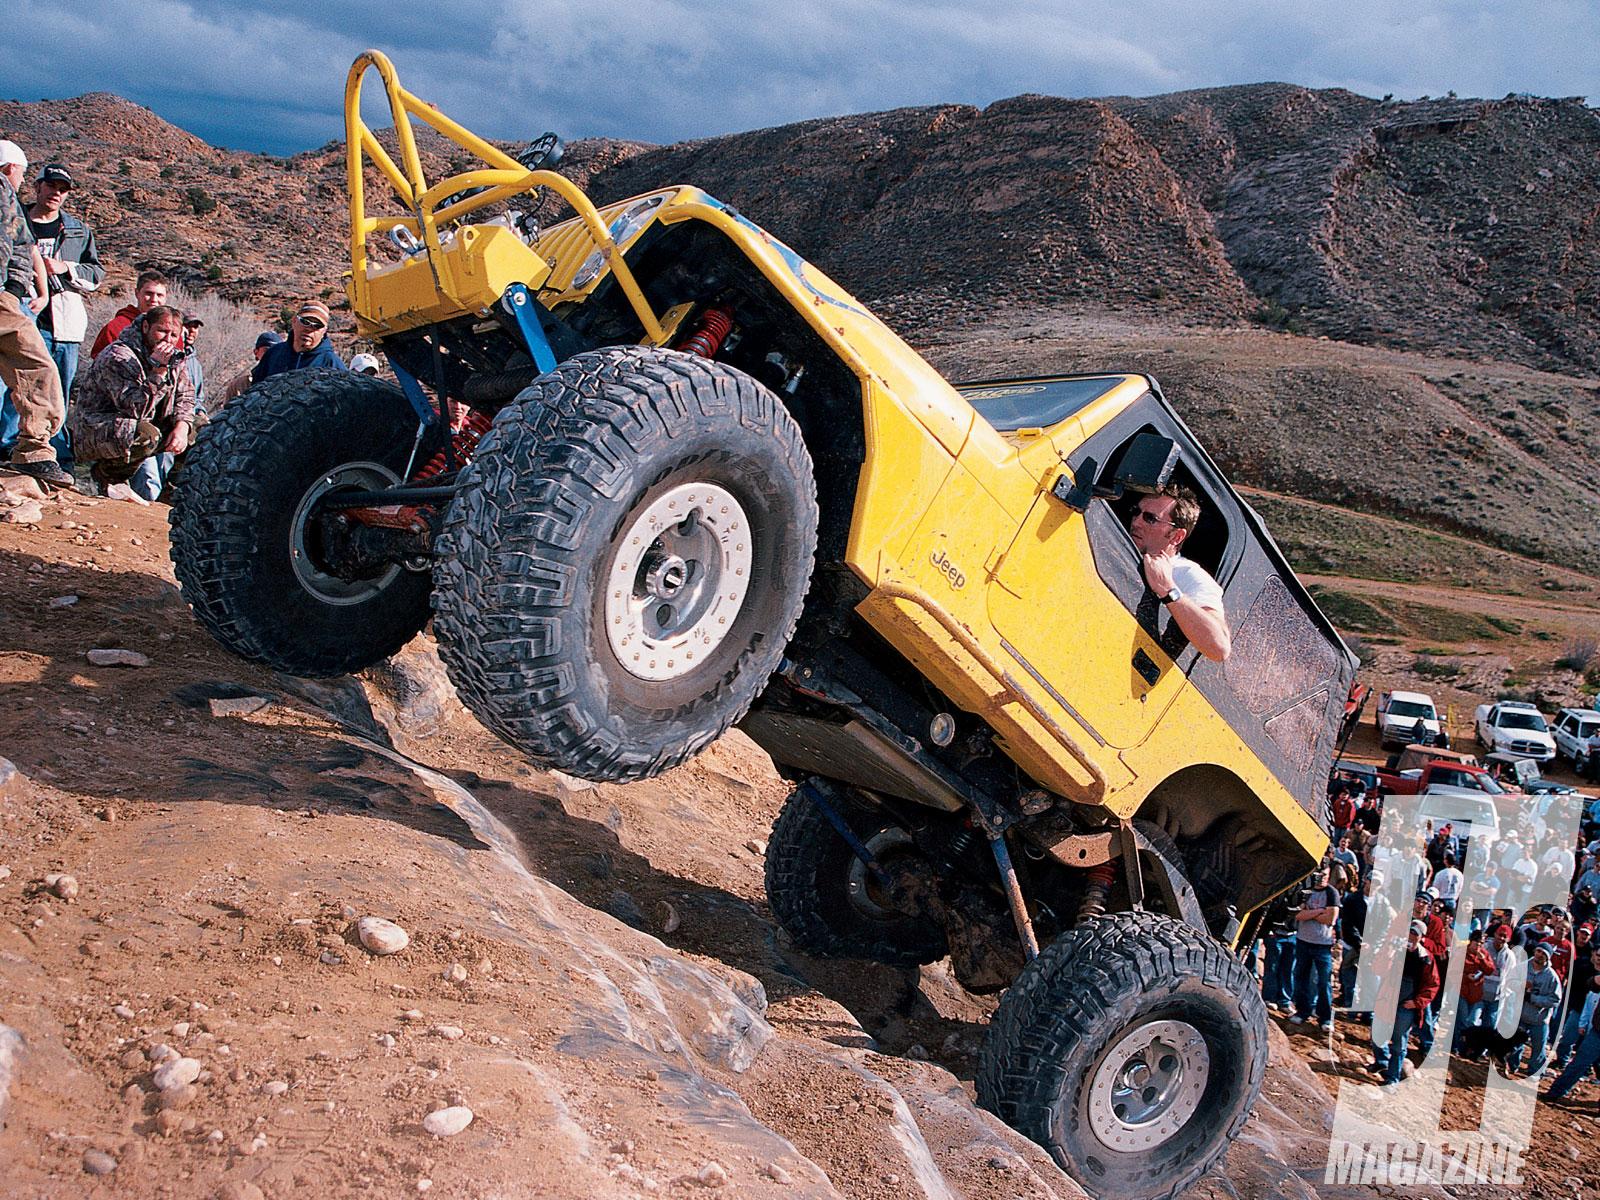 Jeep Rock Crawler Rock Crawler Wallpaper Wallpapersafari